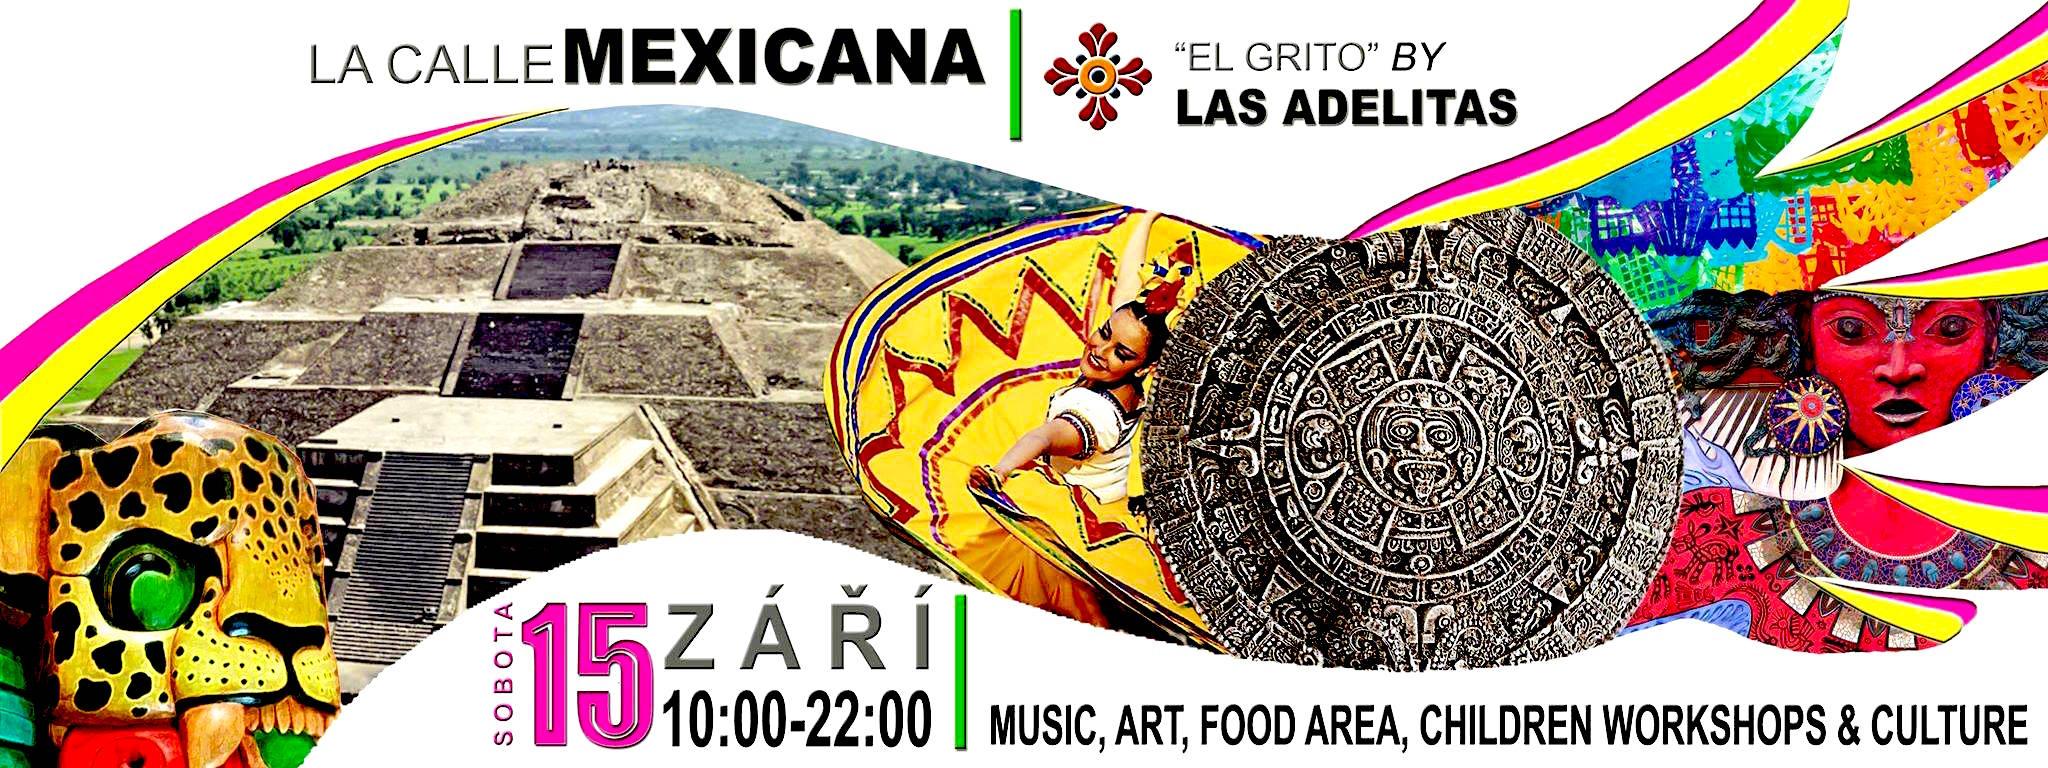 Prague College alumnus putsLas Adelitas atthe centre ofMexican fiesta